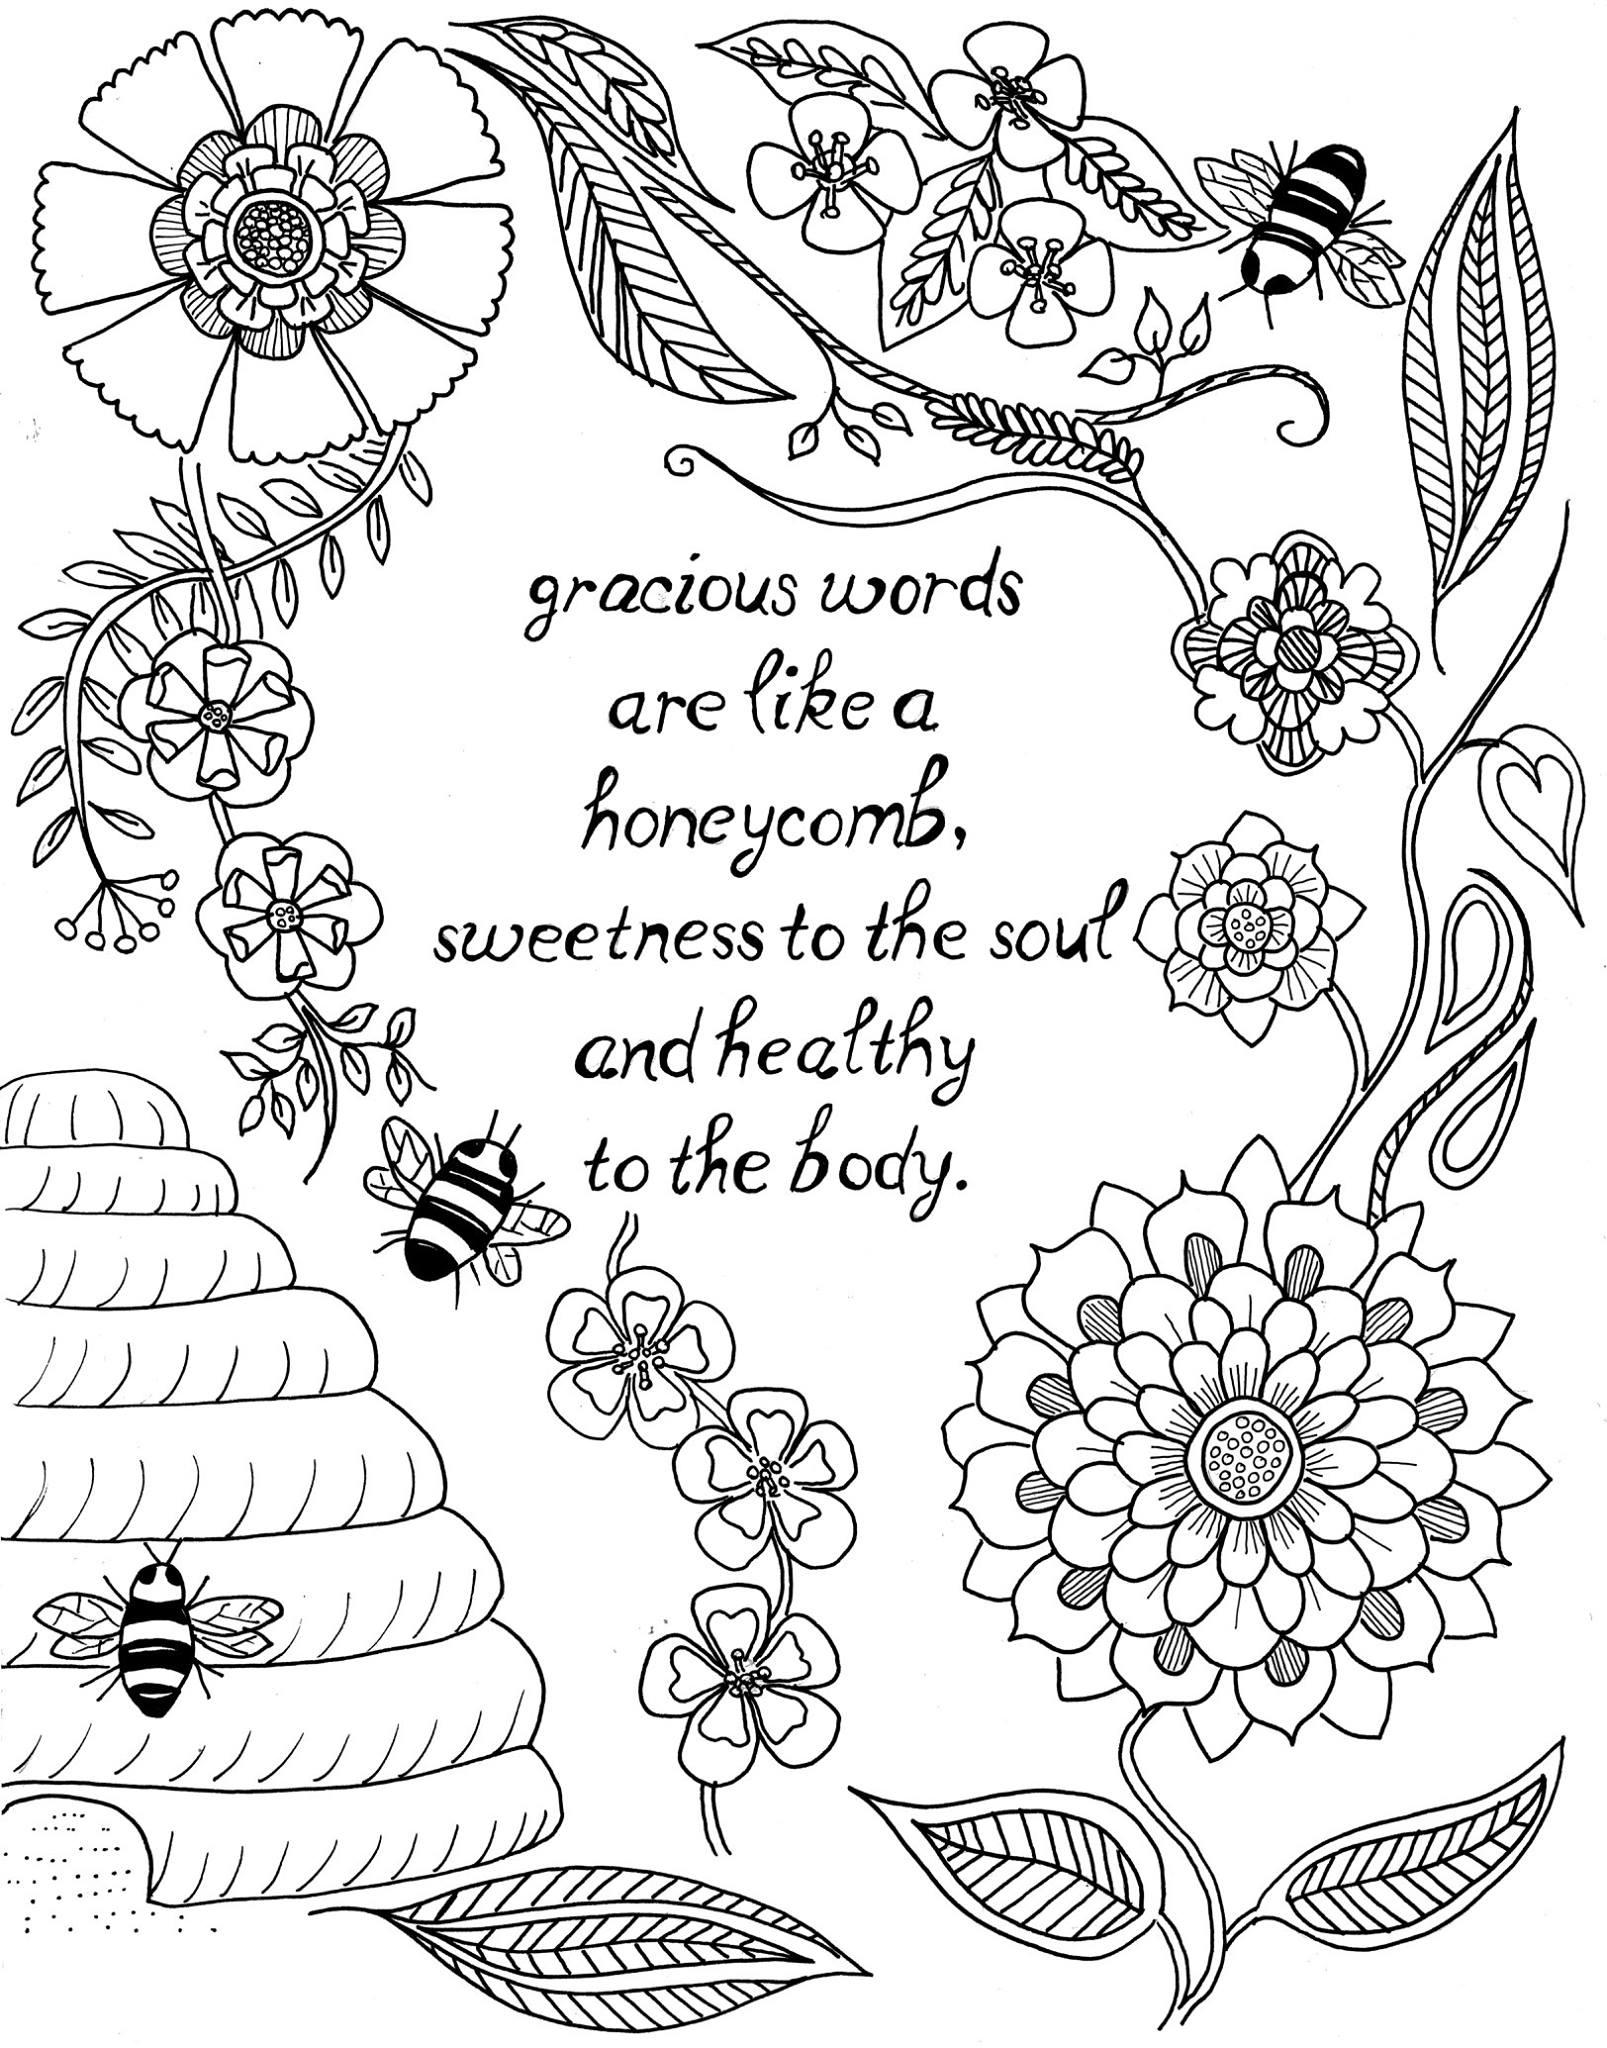 Tranh tô màu thiệp hình bông hoa đẹp nhất